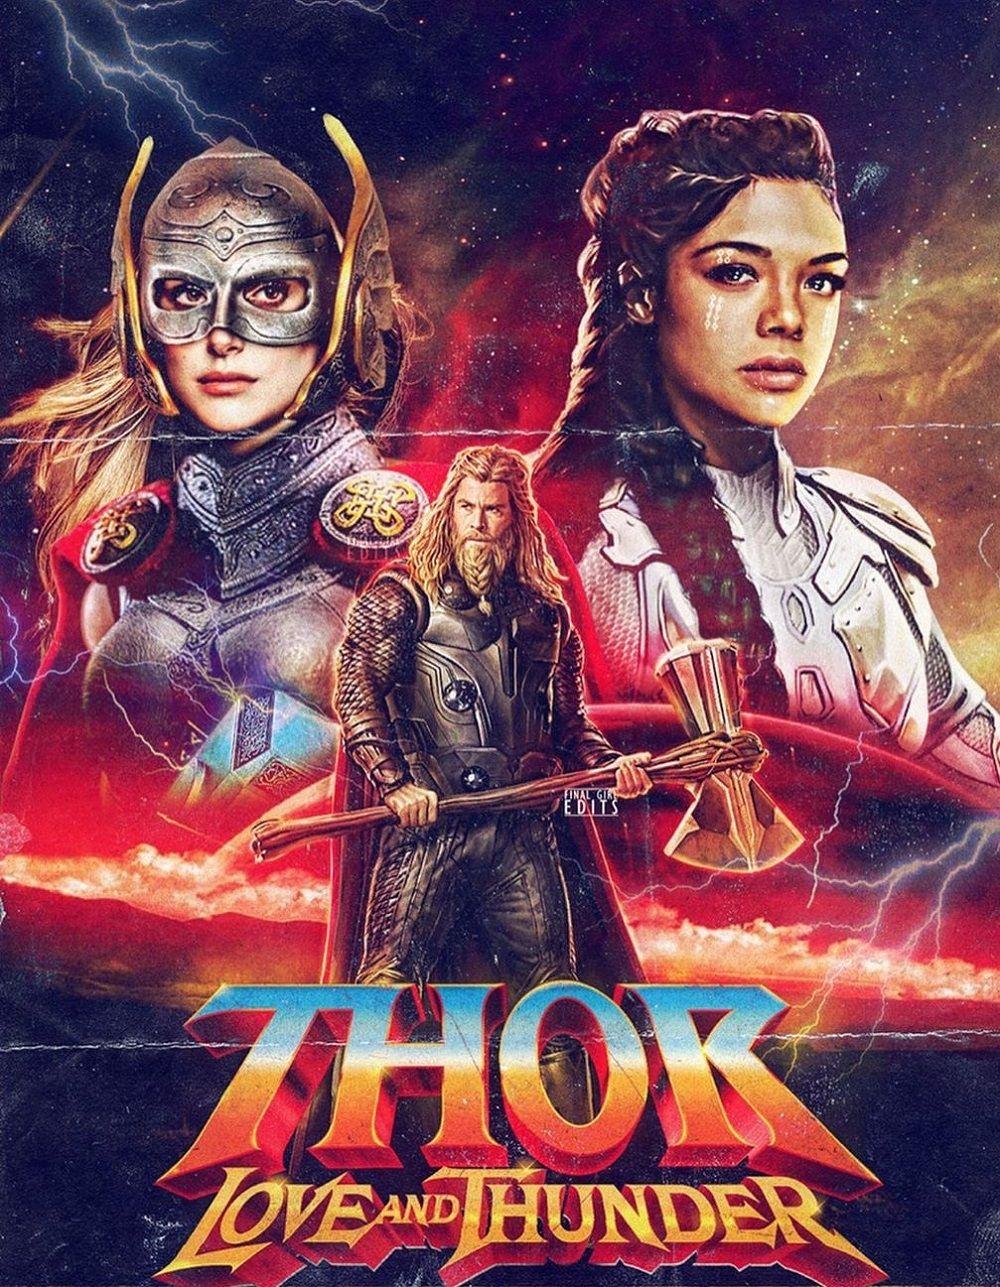 Thor 4 bude podľa režiséra úplne šialený komiksový film. Tučný Thor sa zrejme nevráti